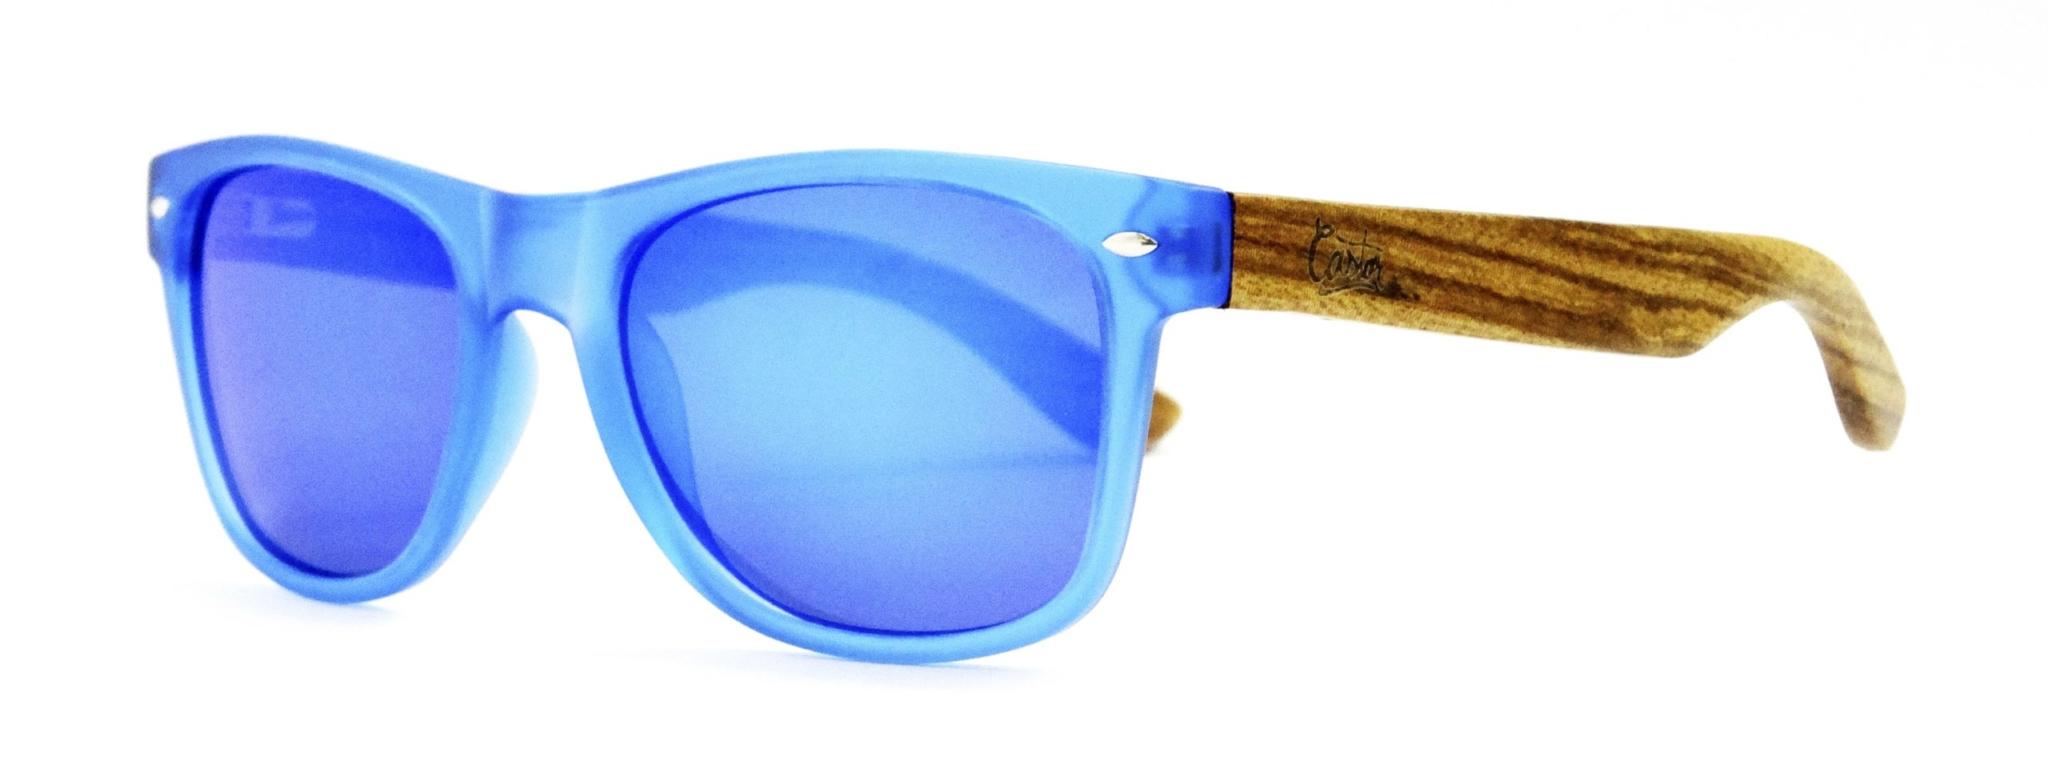 704c8166-34b-gafas-de-sol